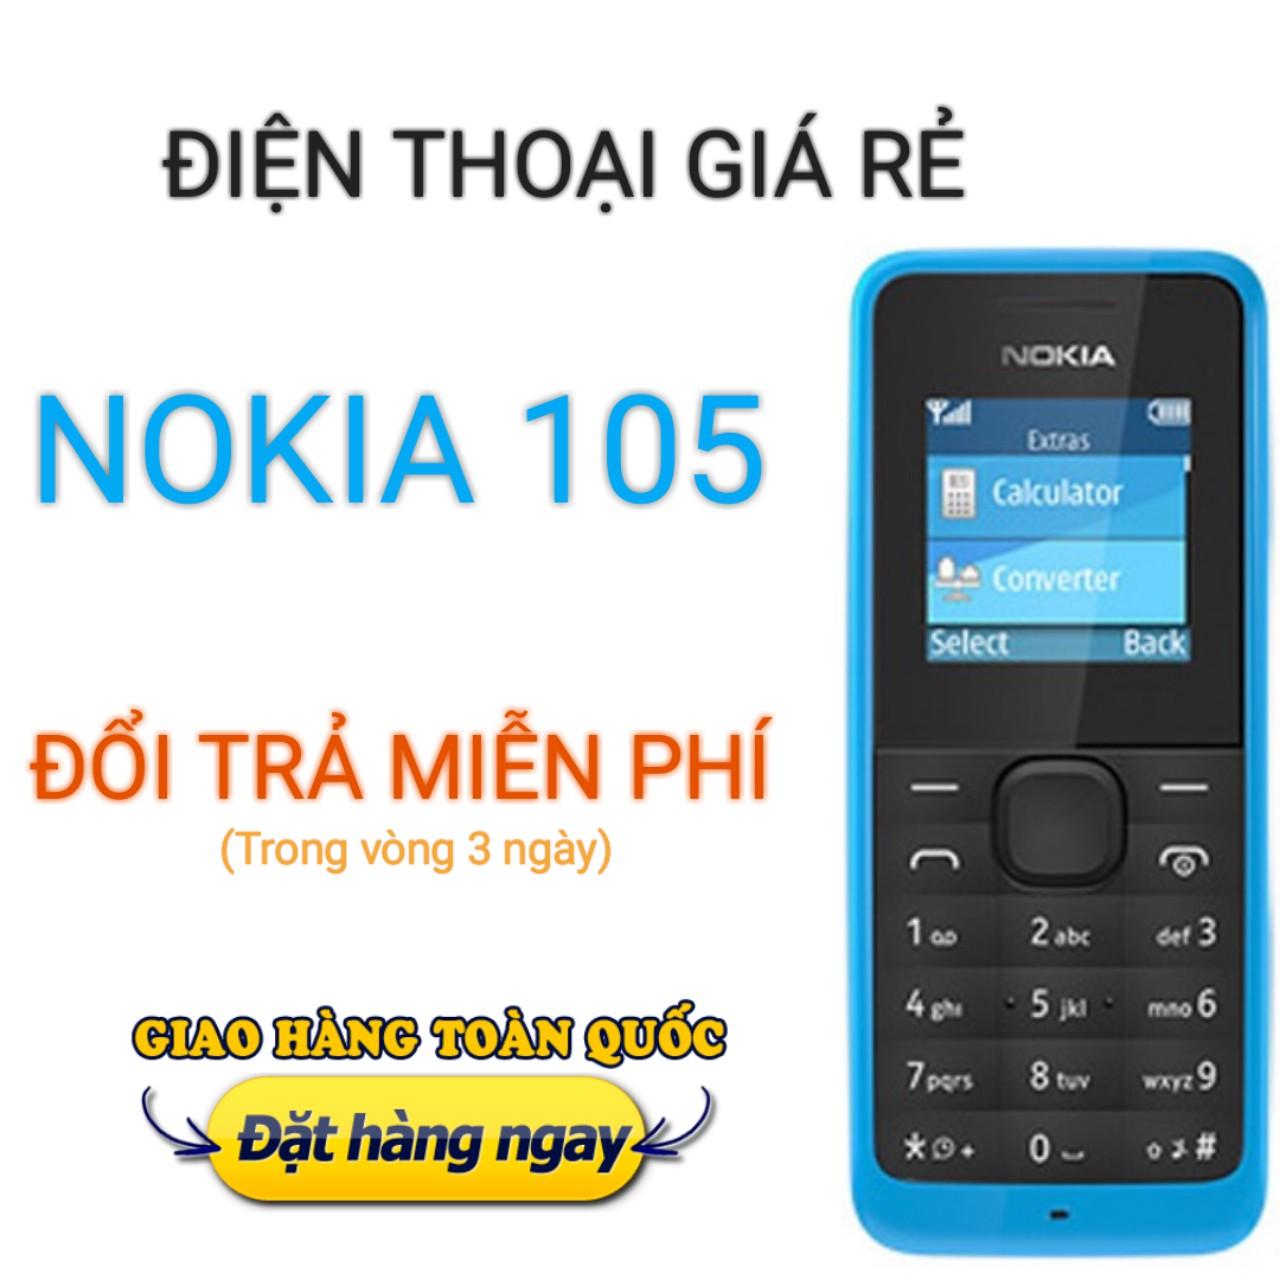 Điện thoại giá rẻ 1 SIM, Nokia 105 chính hãng, gồm Pin + bộ sạc